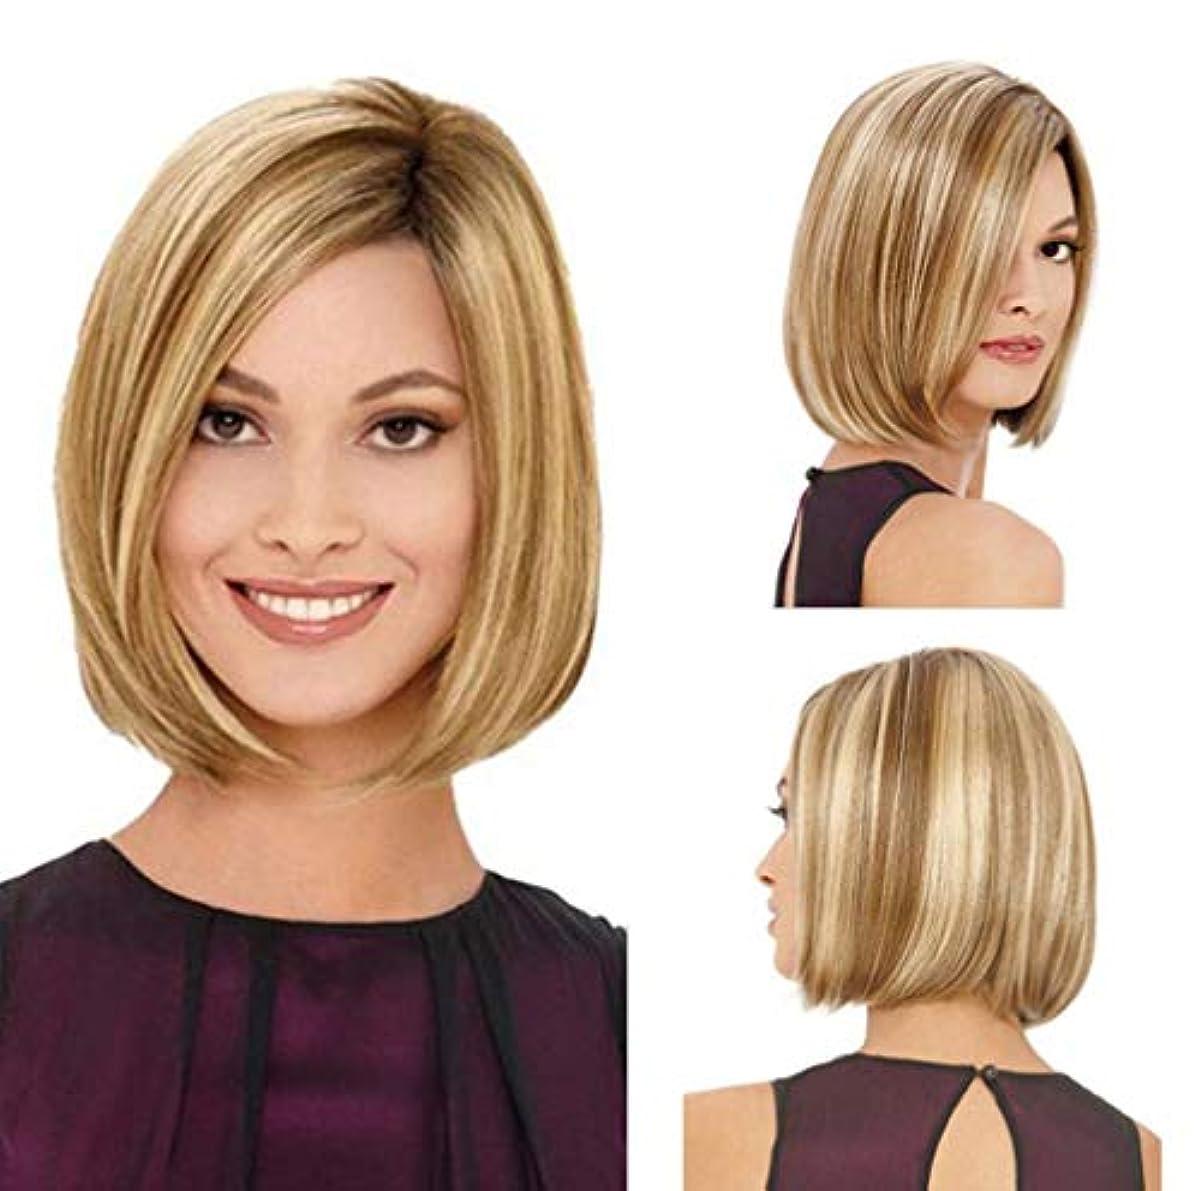 論理的に受け継ぐレビュアー女性のかつら人毛合成耐熱繊維かつらPreplucked調整可能なキャップ150%密度